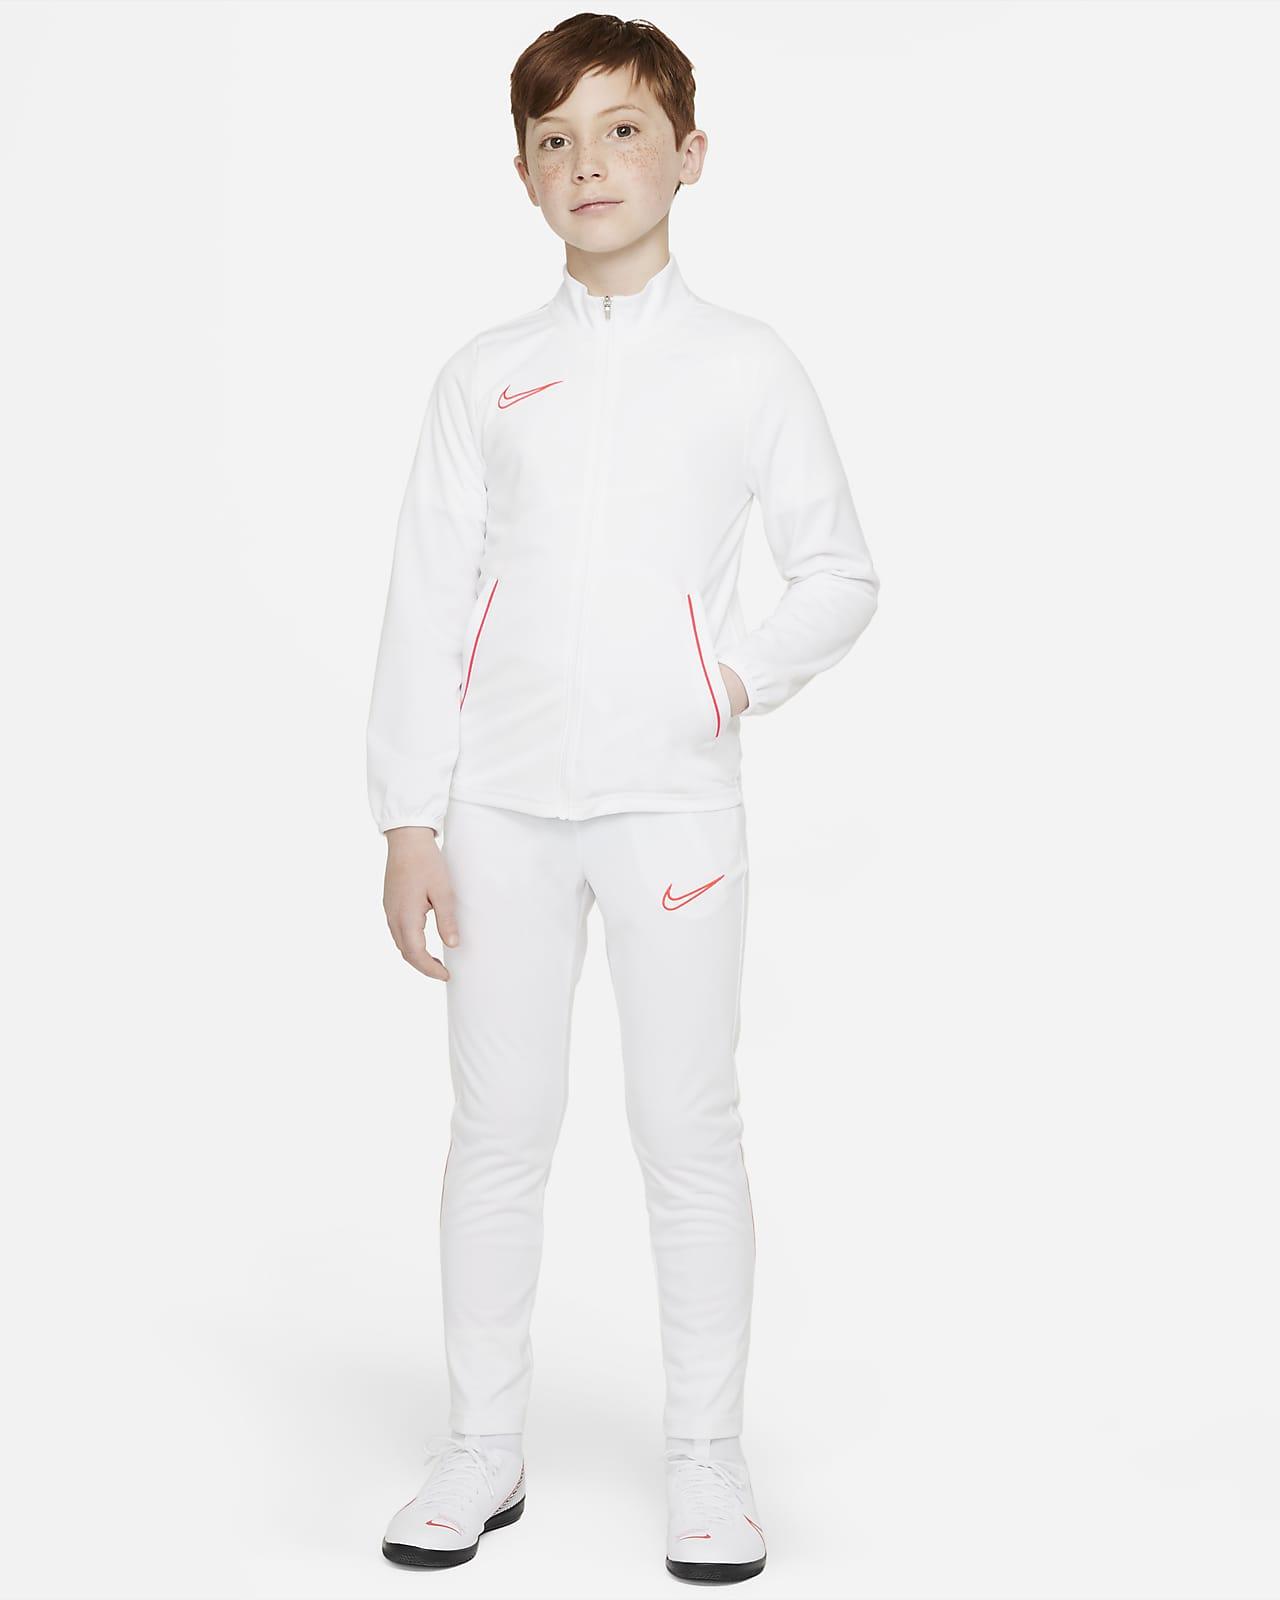 Nike Dri-FIT Academy Örgü Genç Çocuk Futbol Eşofmanı